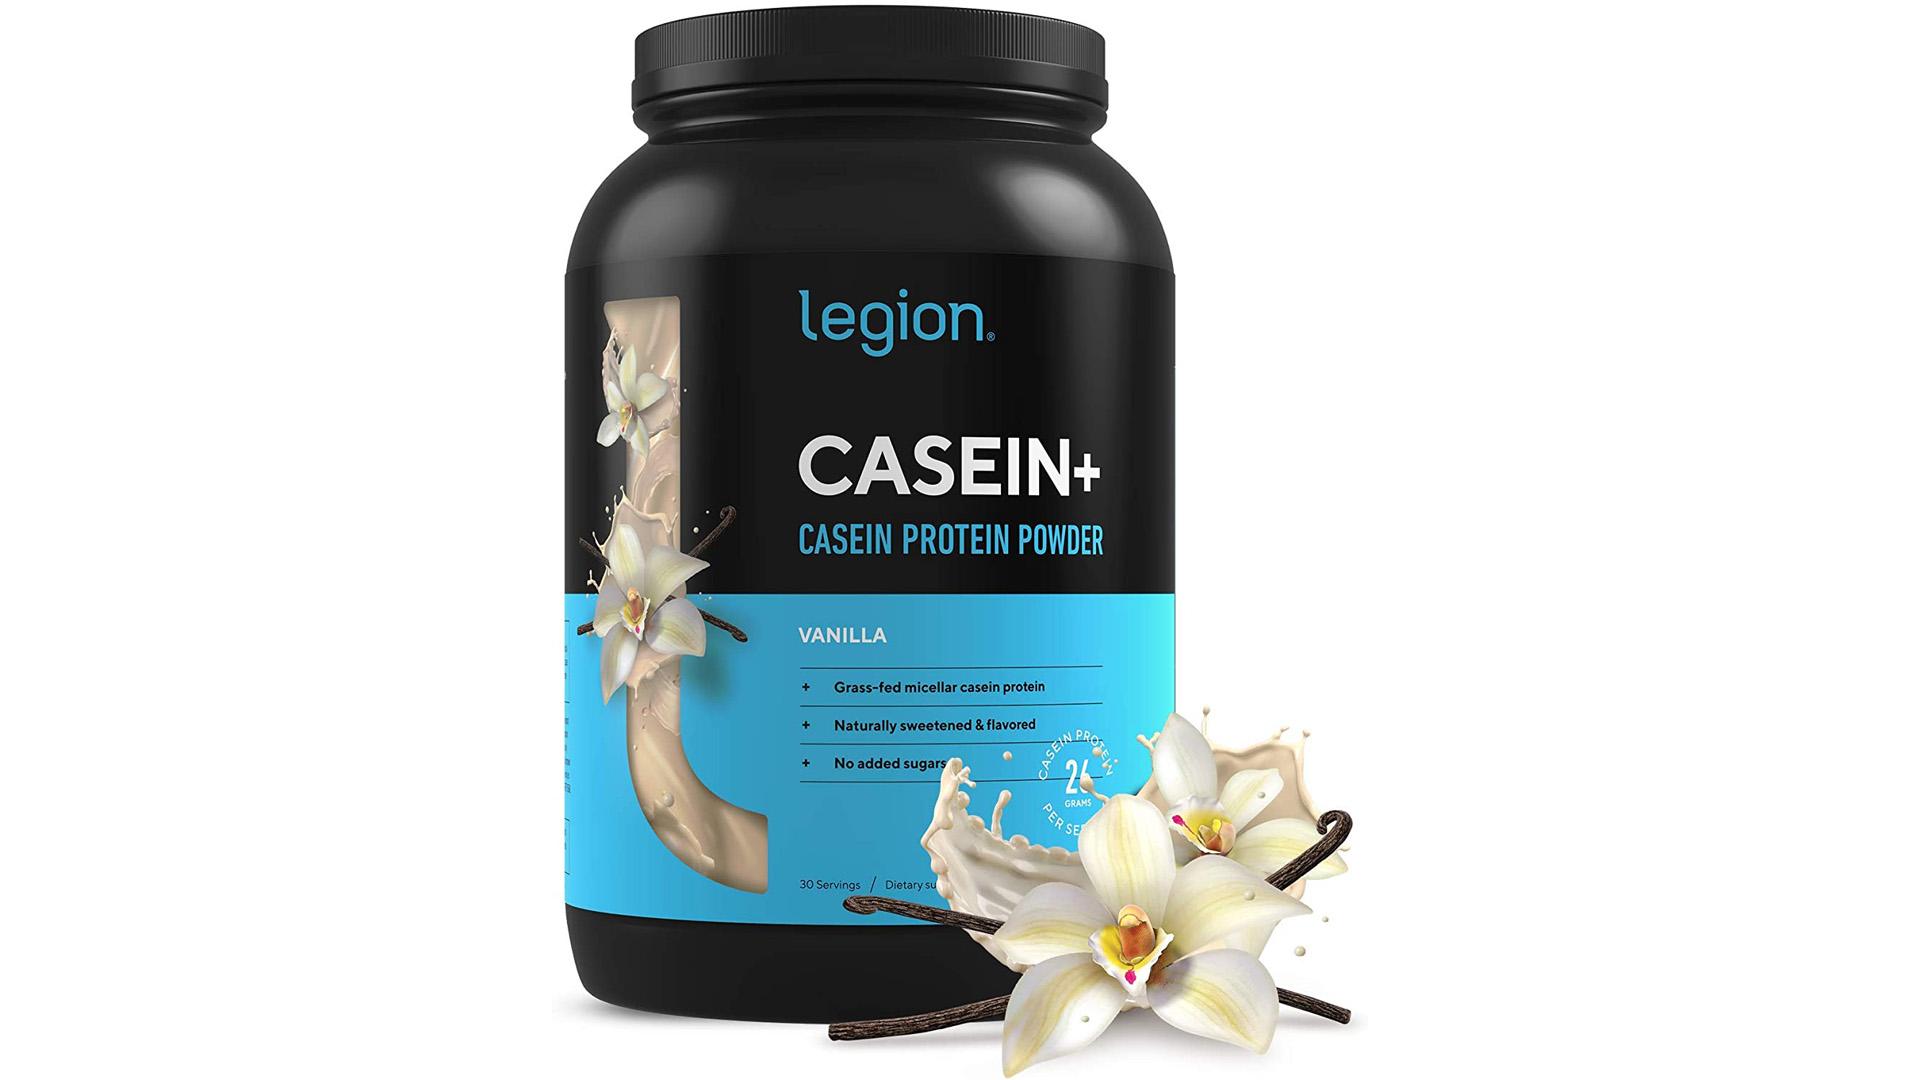 Legion Athletics Casein+ Vanilla Pure Micellar Casein Protein Powder